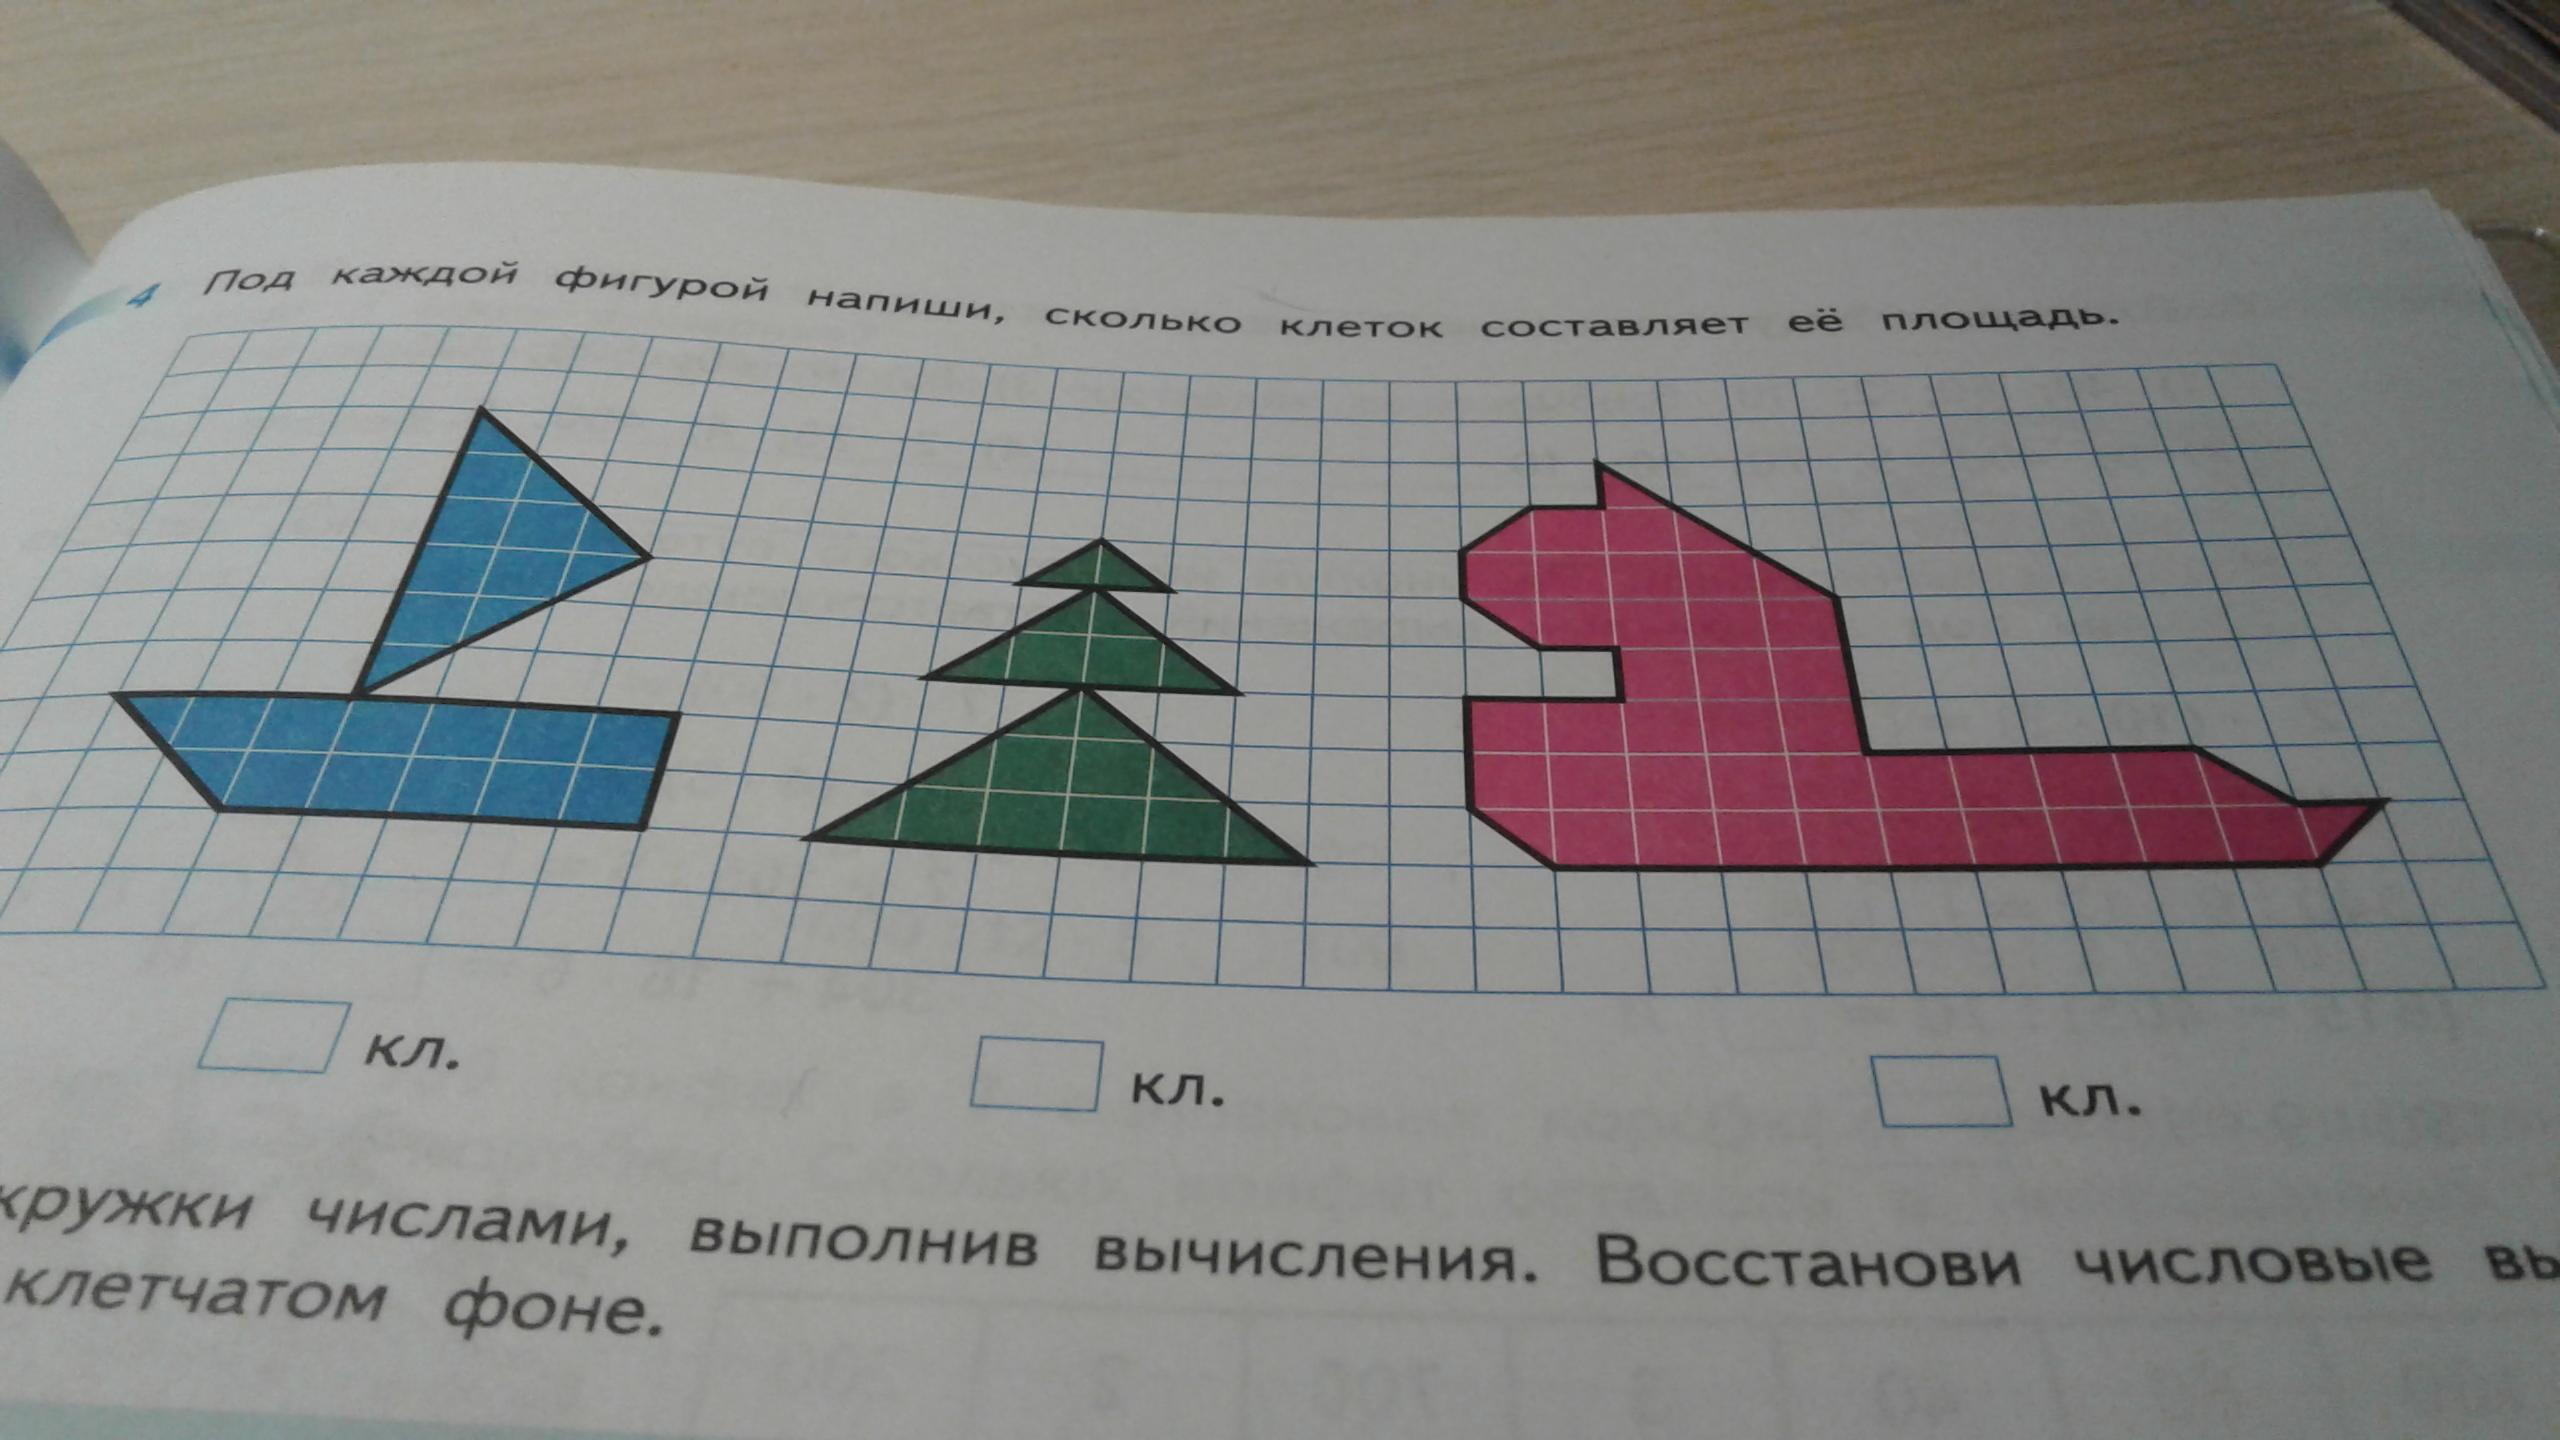 Под каждой фигурой напиши, сколько клеток составляет её площадь